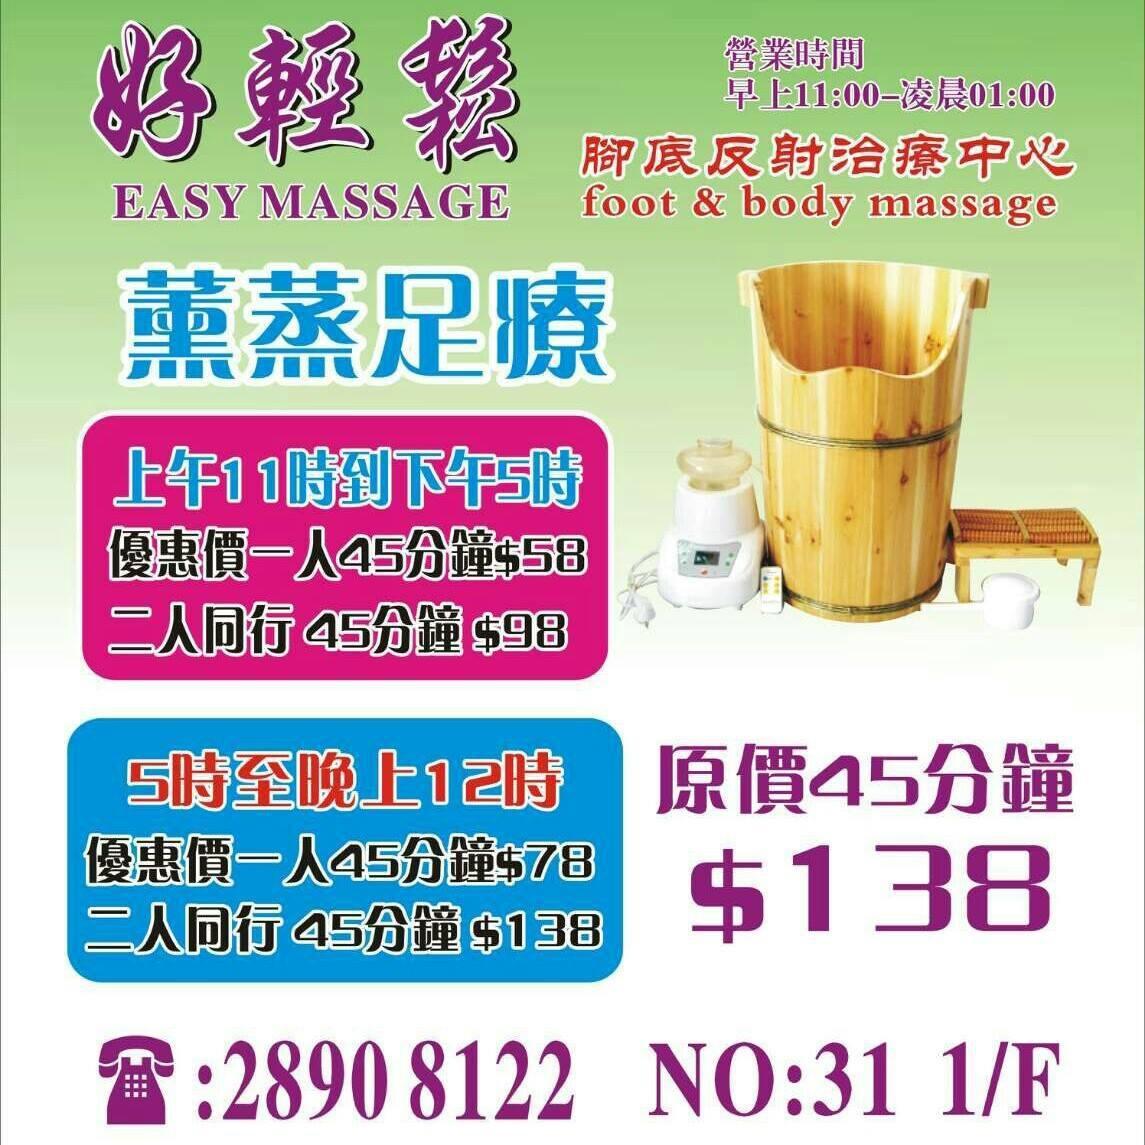 香港美容院 美容師 : 好輕鬆Massage @青年創業軍